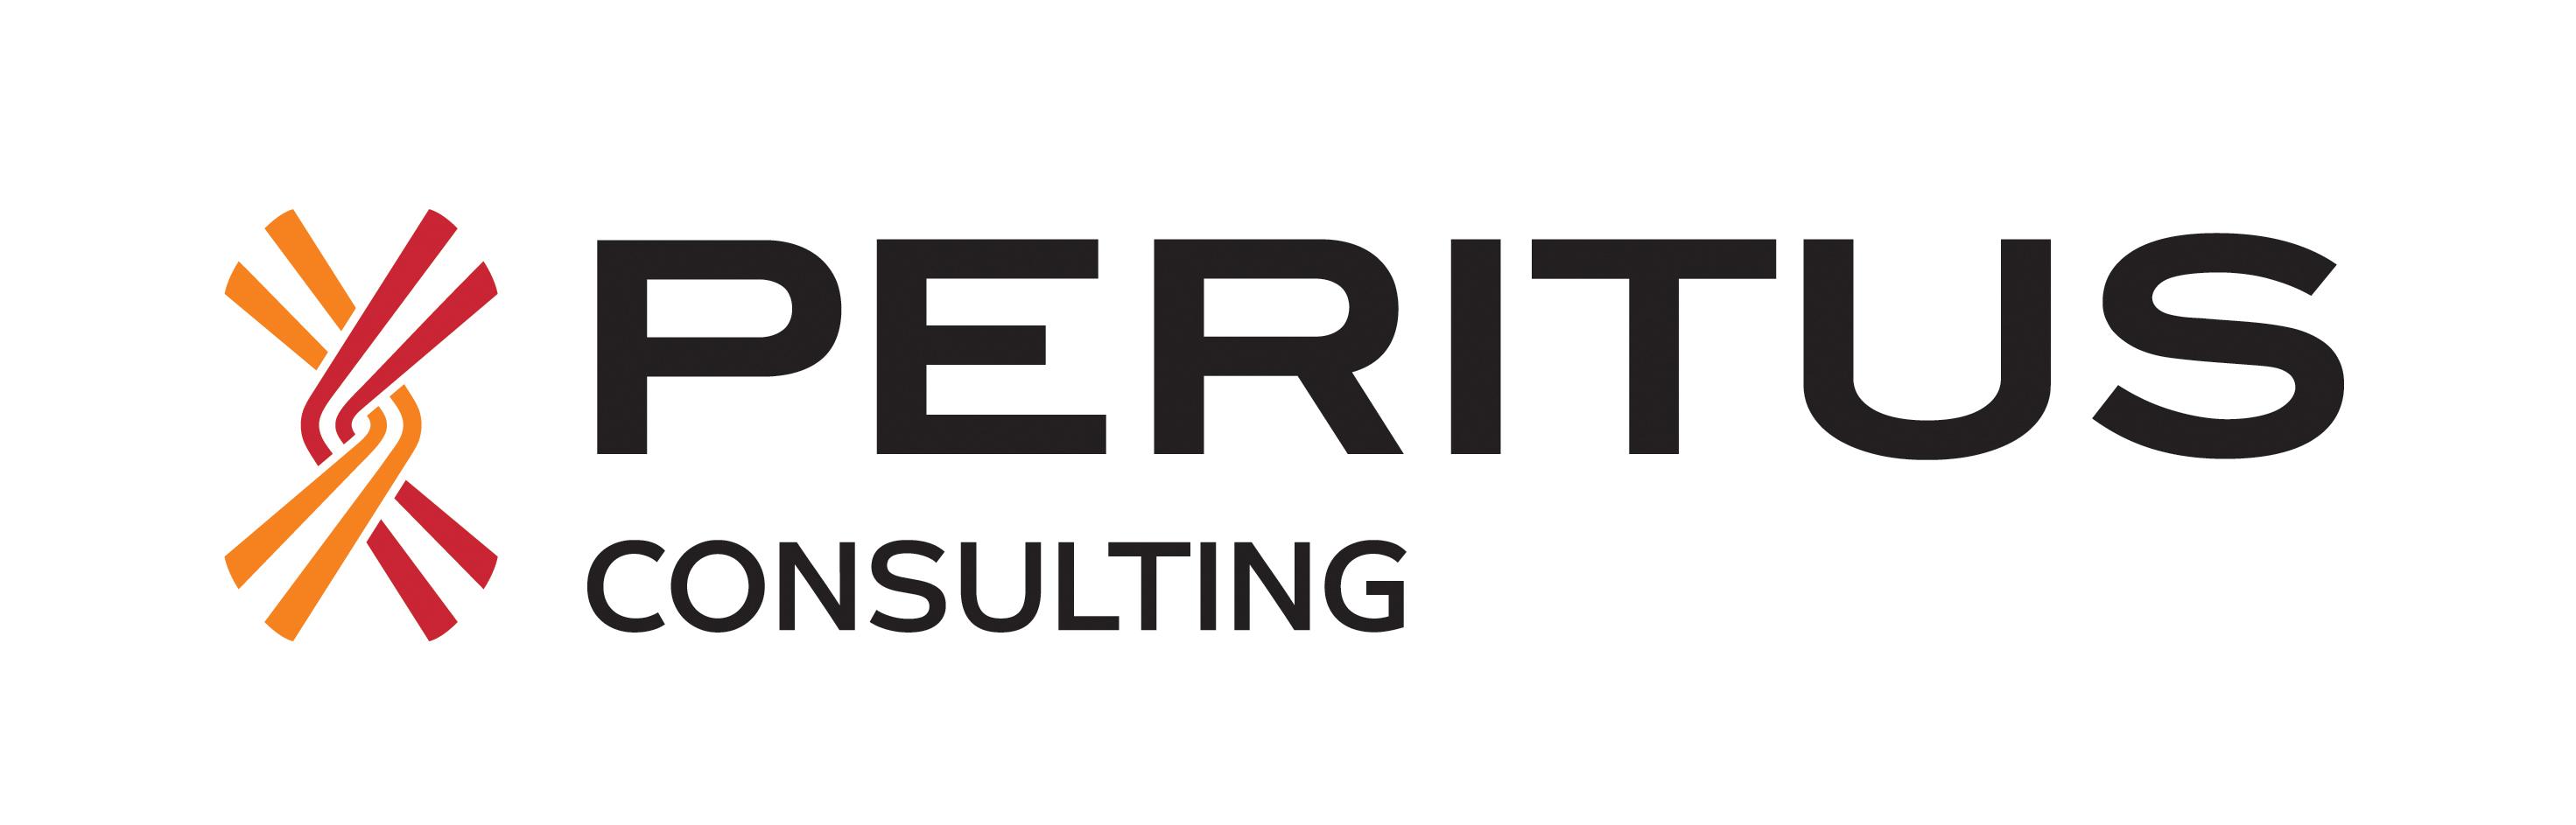 Peritus consulting